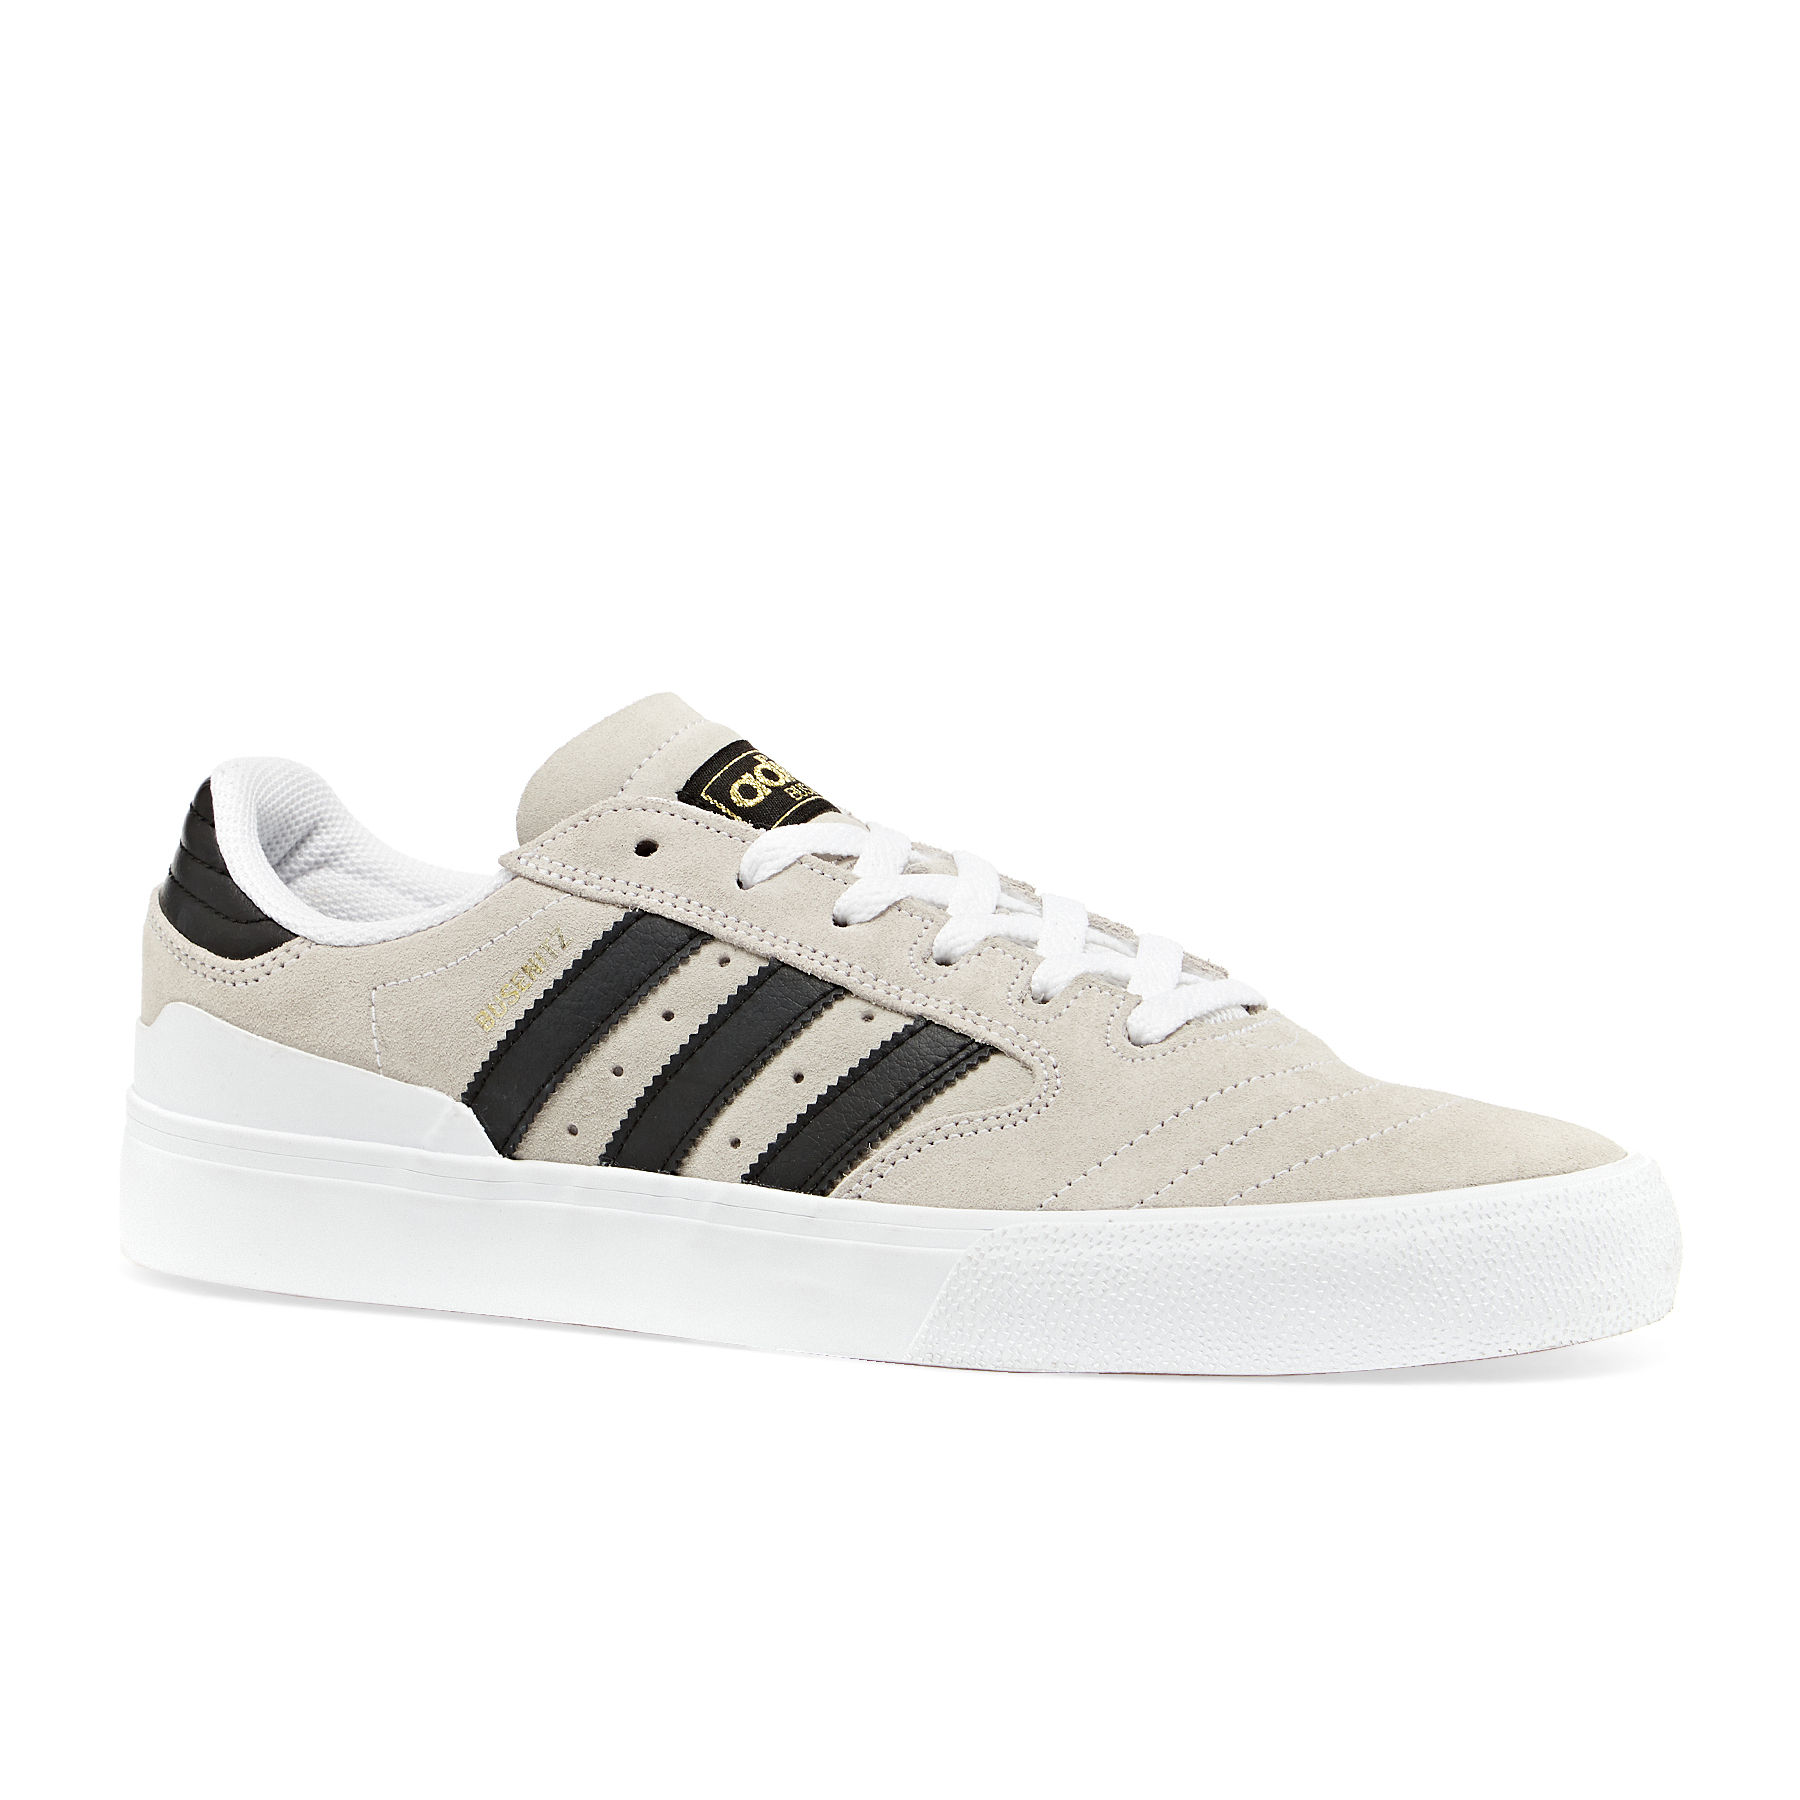 Adidas Busenitz Vulc II Shoes - Free